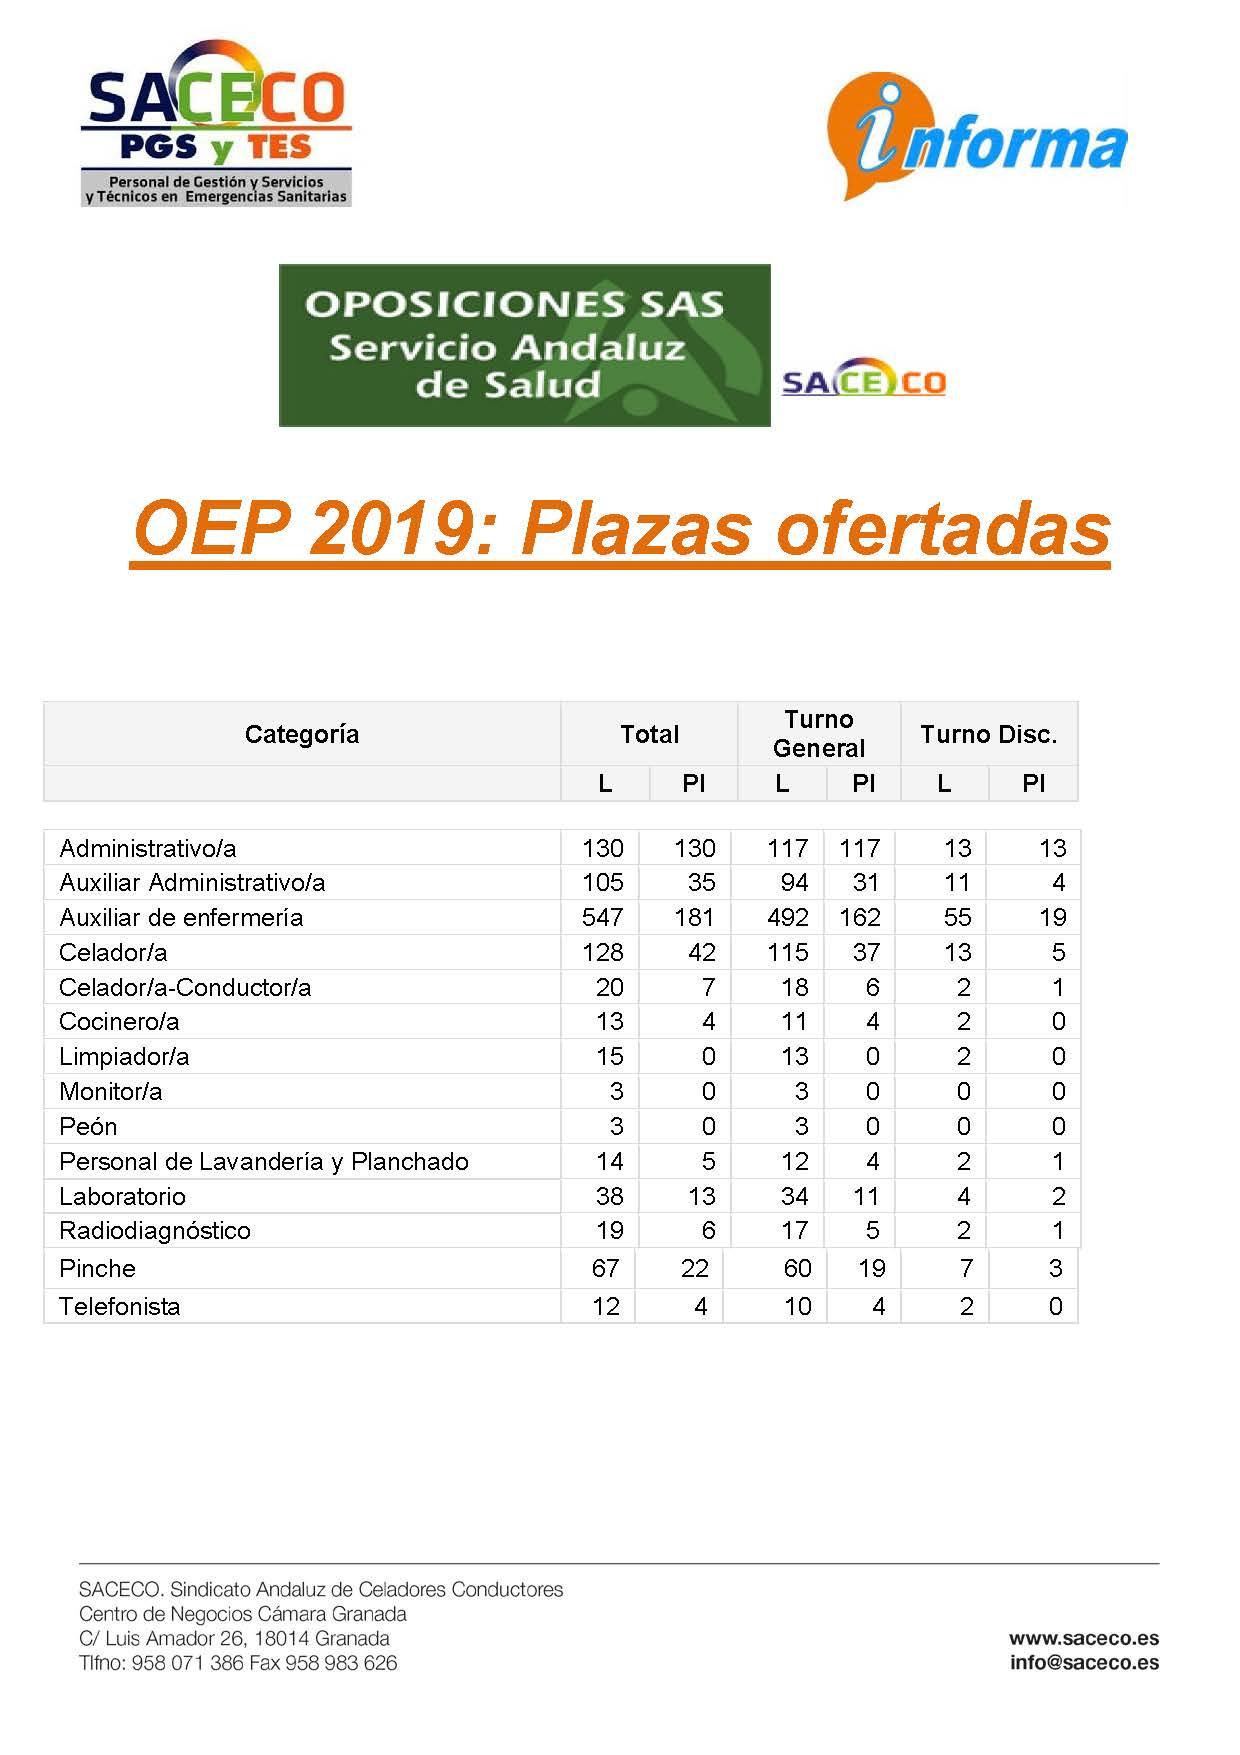 OPE 2019 PLAZAS OFERTADAS